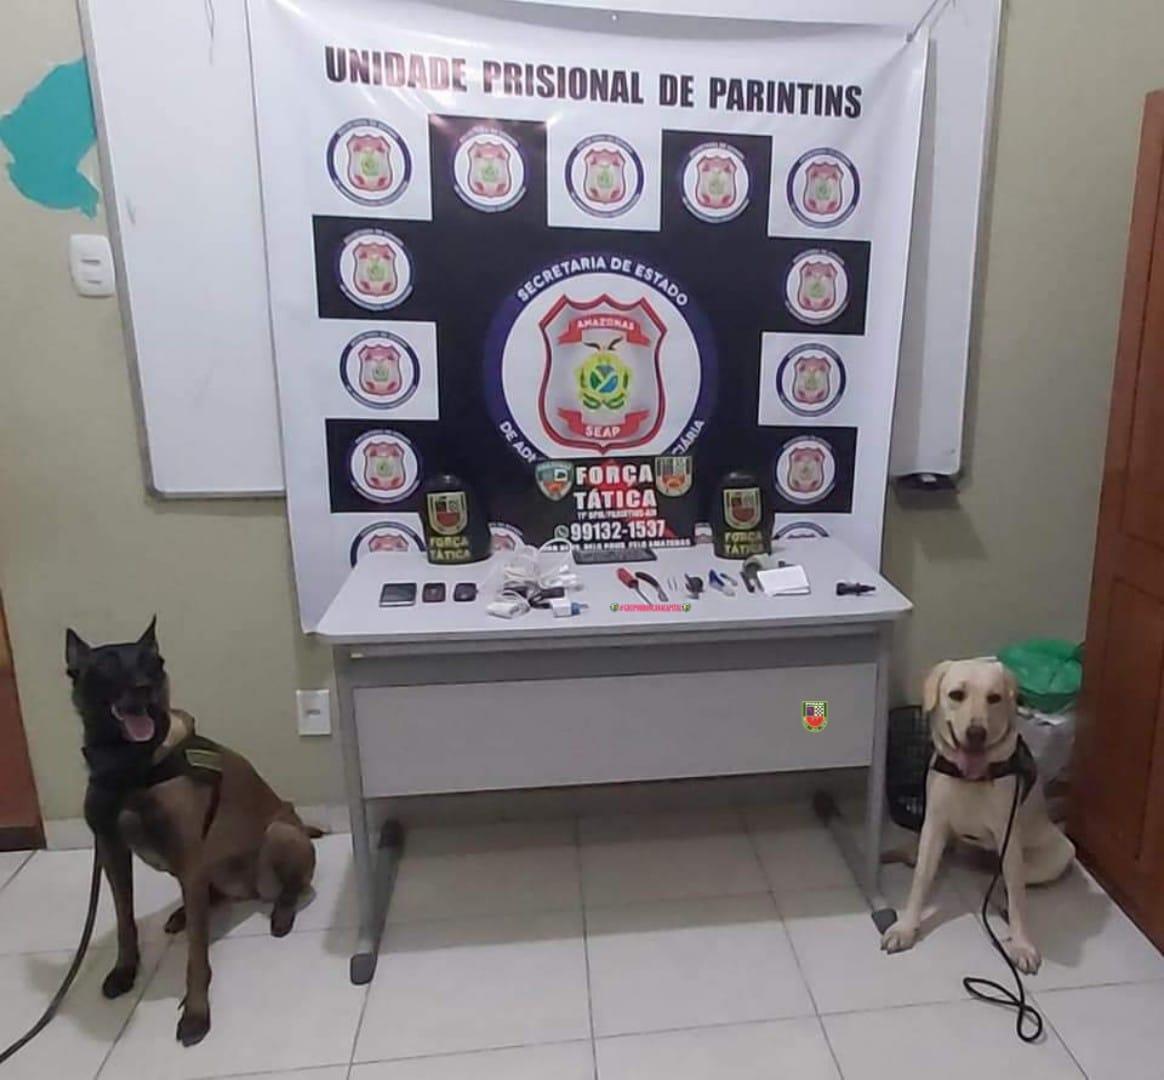 POLÍCIA apreende materiais ilícitos no presídio de Parintins